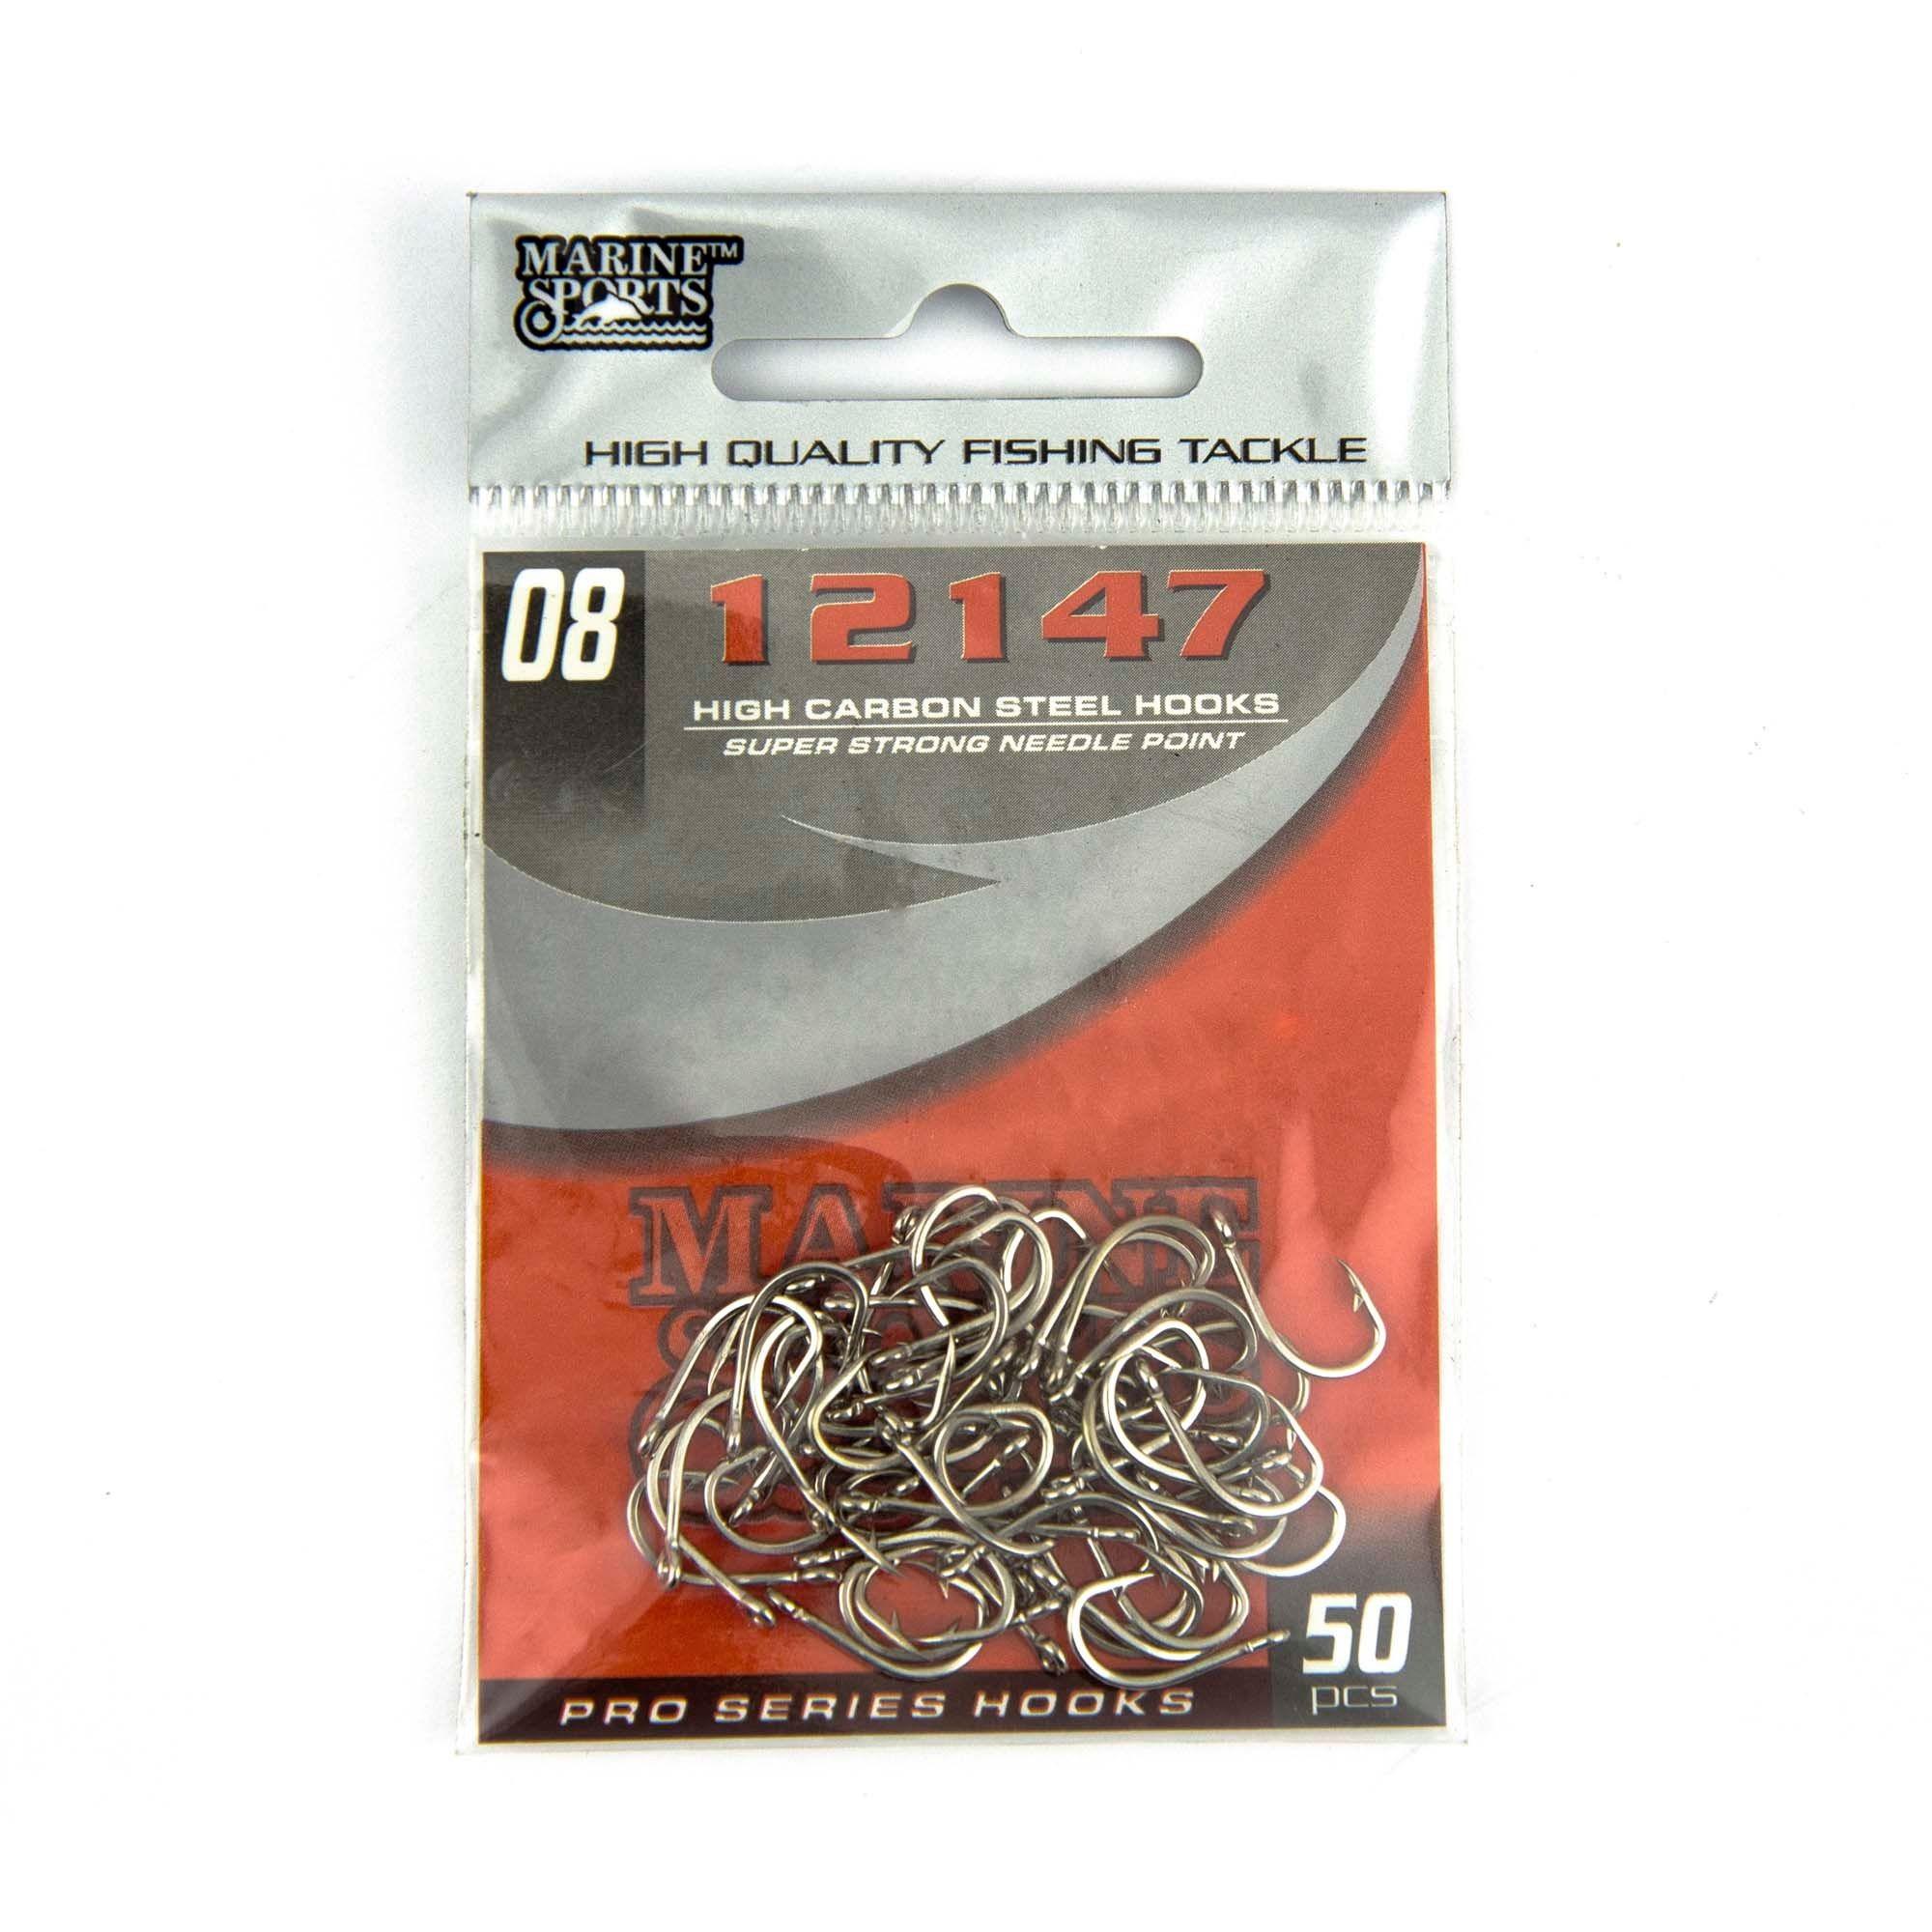 Anzol 12147 nº 8 - 50 unidades  - Artpesca